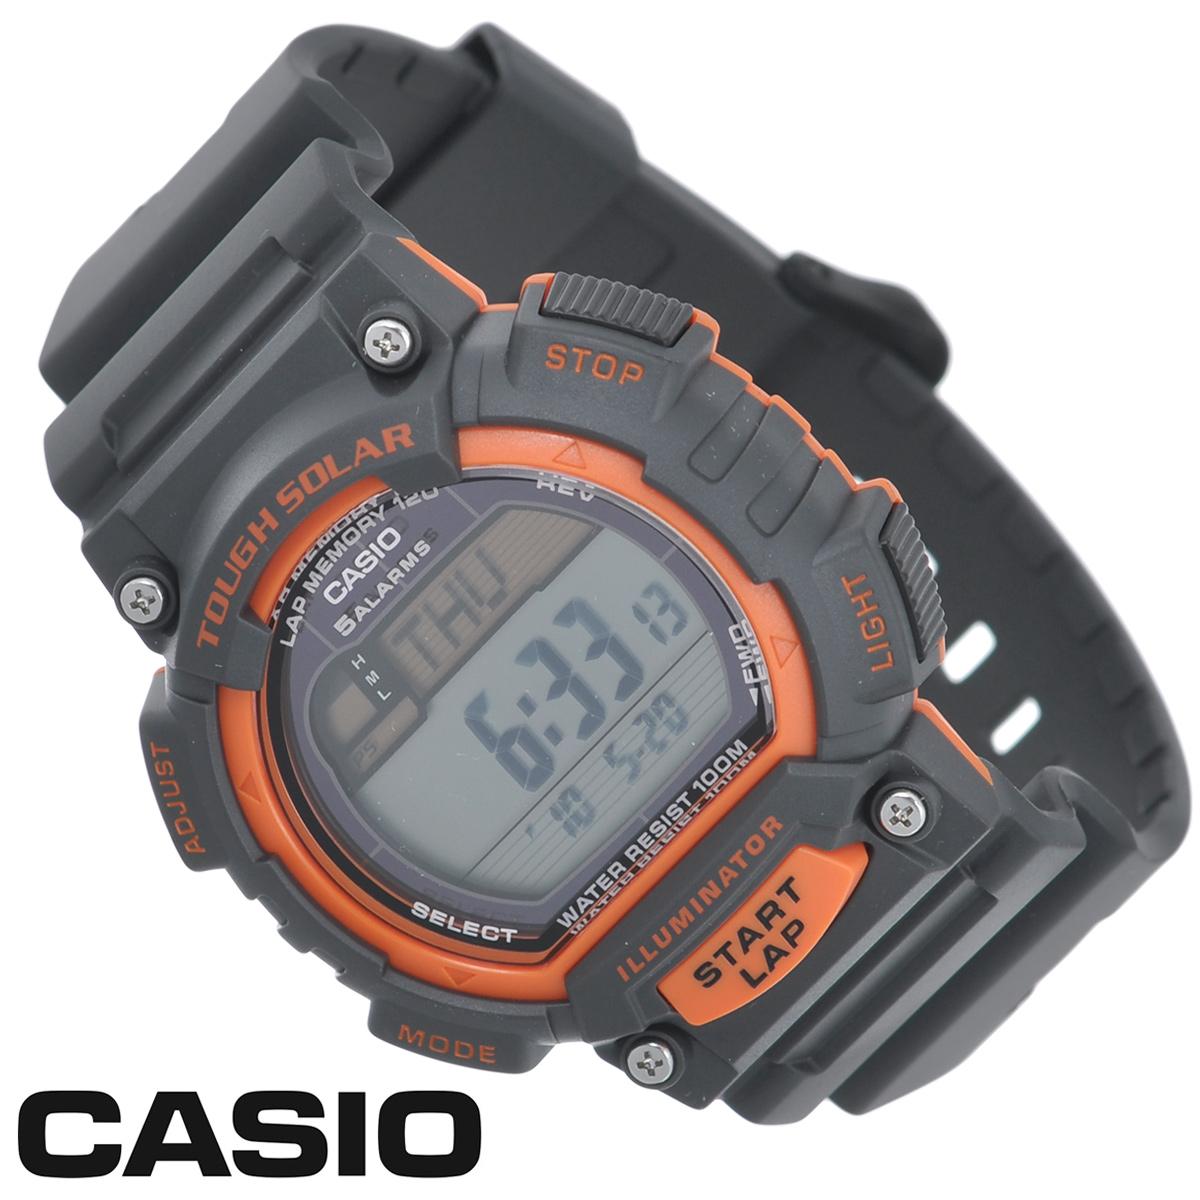 Часы мужские наручные Casio, цвет: черный, оранжевый. STL-S100H-4ASTL-S100H-4AСтильные электронно-механические часы от японского брэнда Casio - это яркий функциональный аксессуар для современных людей, которыестремятся выделиться из толпы и подчеркнуть свою индивидуальность. Часы выполнены в спортивном стиле.Часы оснащены японским кварцевым механизмом. Корпус и ремешок часов изготовлены из пластика. ЖК-дисплей с LED-подсветкой защищенпластиковым стеклом. Ремешок имеет классическую застежку.Основные функции: -индикатор заряда батареи; -функция автоматического сохранения энергии; -секундомер с точностью показаний 1/100с и временем измерения 1ч; -память на 120 этапов; -номер и лучшее время этапа; -два таймера обратного отсчета времени от 5 с до 100 мин с устанавливаемым количеством повторов от 1 до 10; -мировое время; -12-ти и 24-х часовой формат времени; -функция отключения/включения звука. Питание часов осуществляется от солнечной энергии. Время работы аккумулятора без подзарядки - 11 месяцев, при включенной функциисохранения энергии - 38 месяцев. Часы упакованы в фирменную коробку с логотипом Casio. Такой аксессуар добавит вашему образу стиля и подчеркнет безупречный вкуссвоего владельца.Характеристики: Диаметр циферблата: 3,2 см.Размер корпуса: 5,1 см х 4,5 см х 1,3 см.Длина ремешка (с корпусом): 25 см.Ширина ремешка: 2 см. STAINLESS STELL BACK MADE IN CHINA EA.